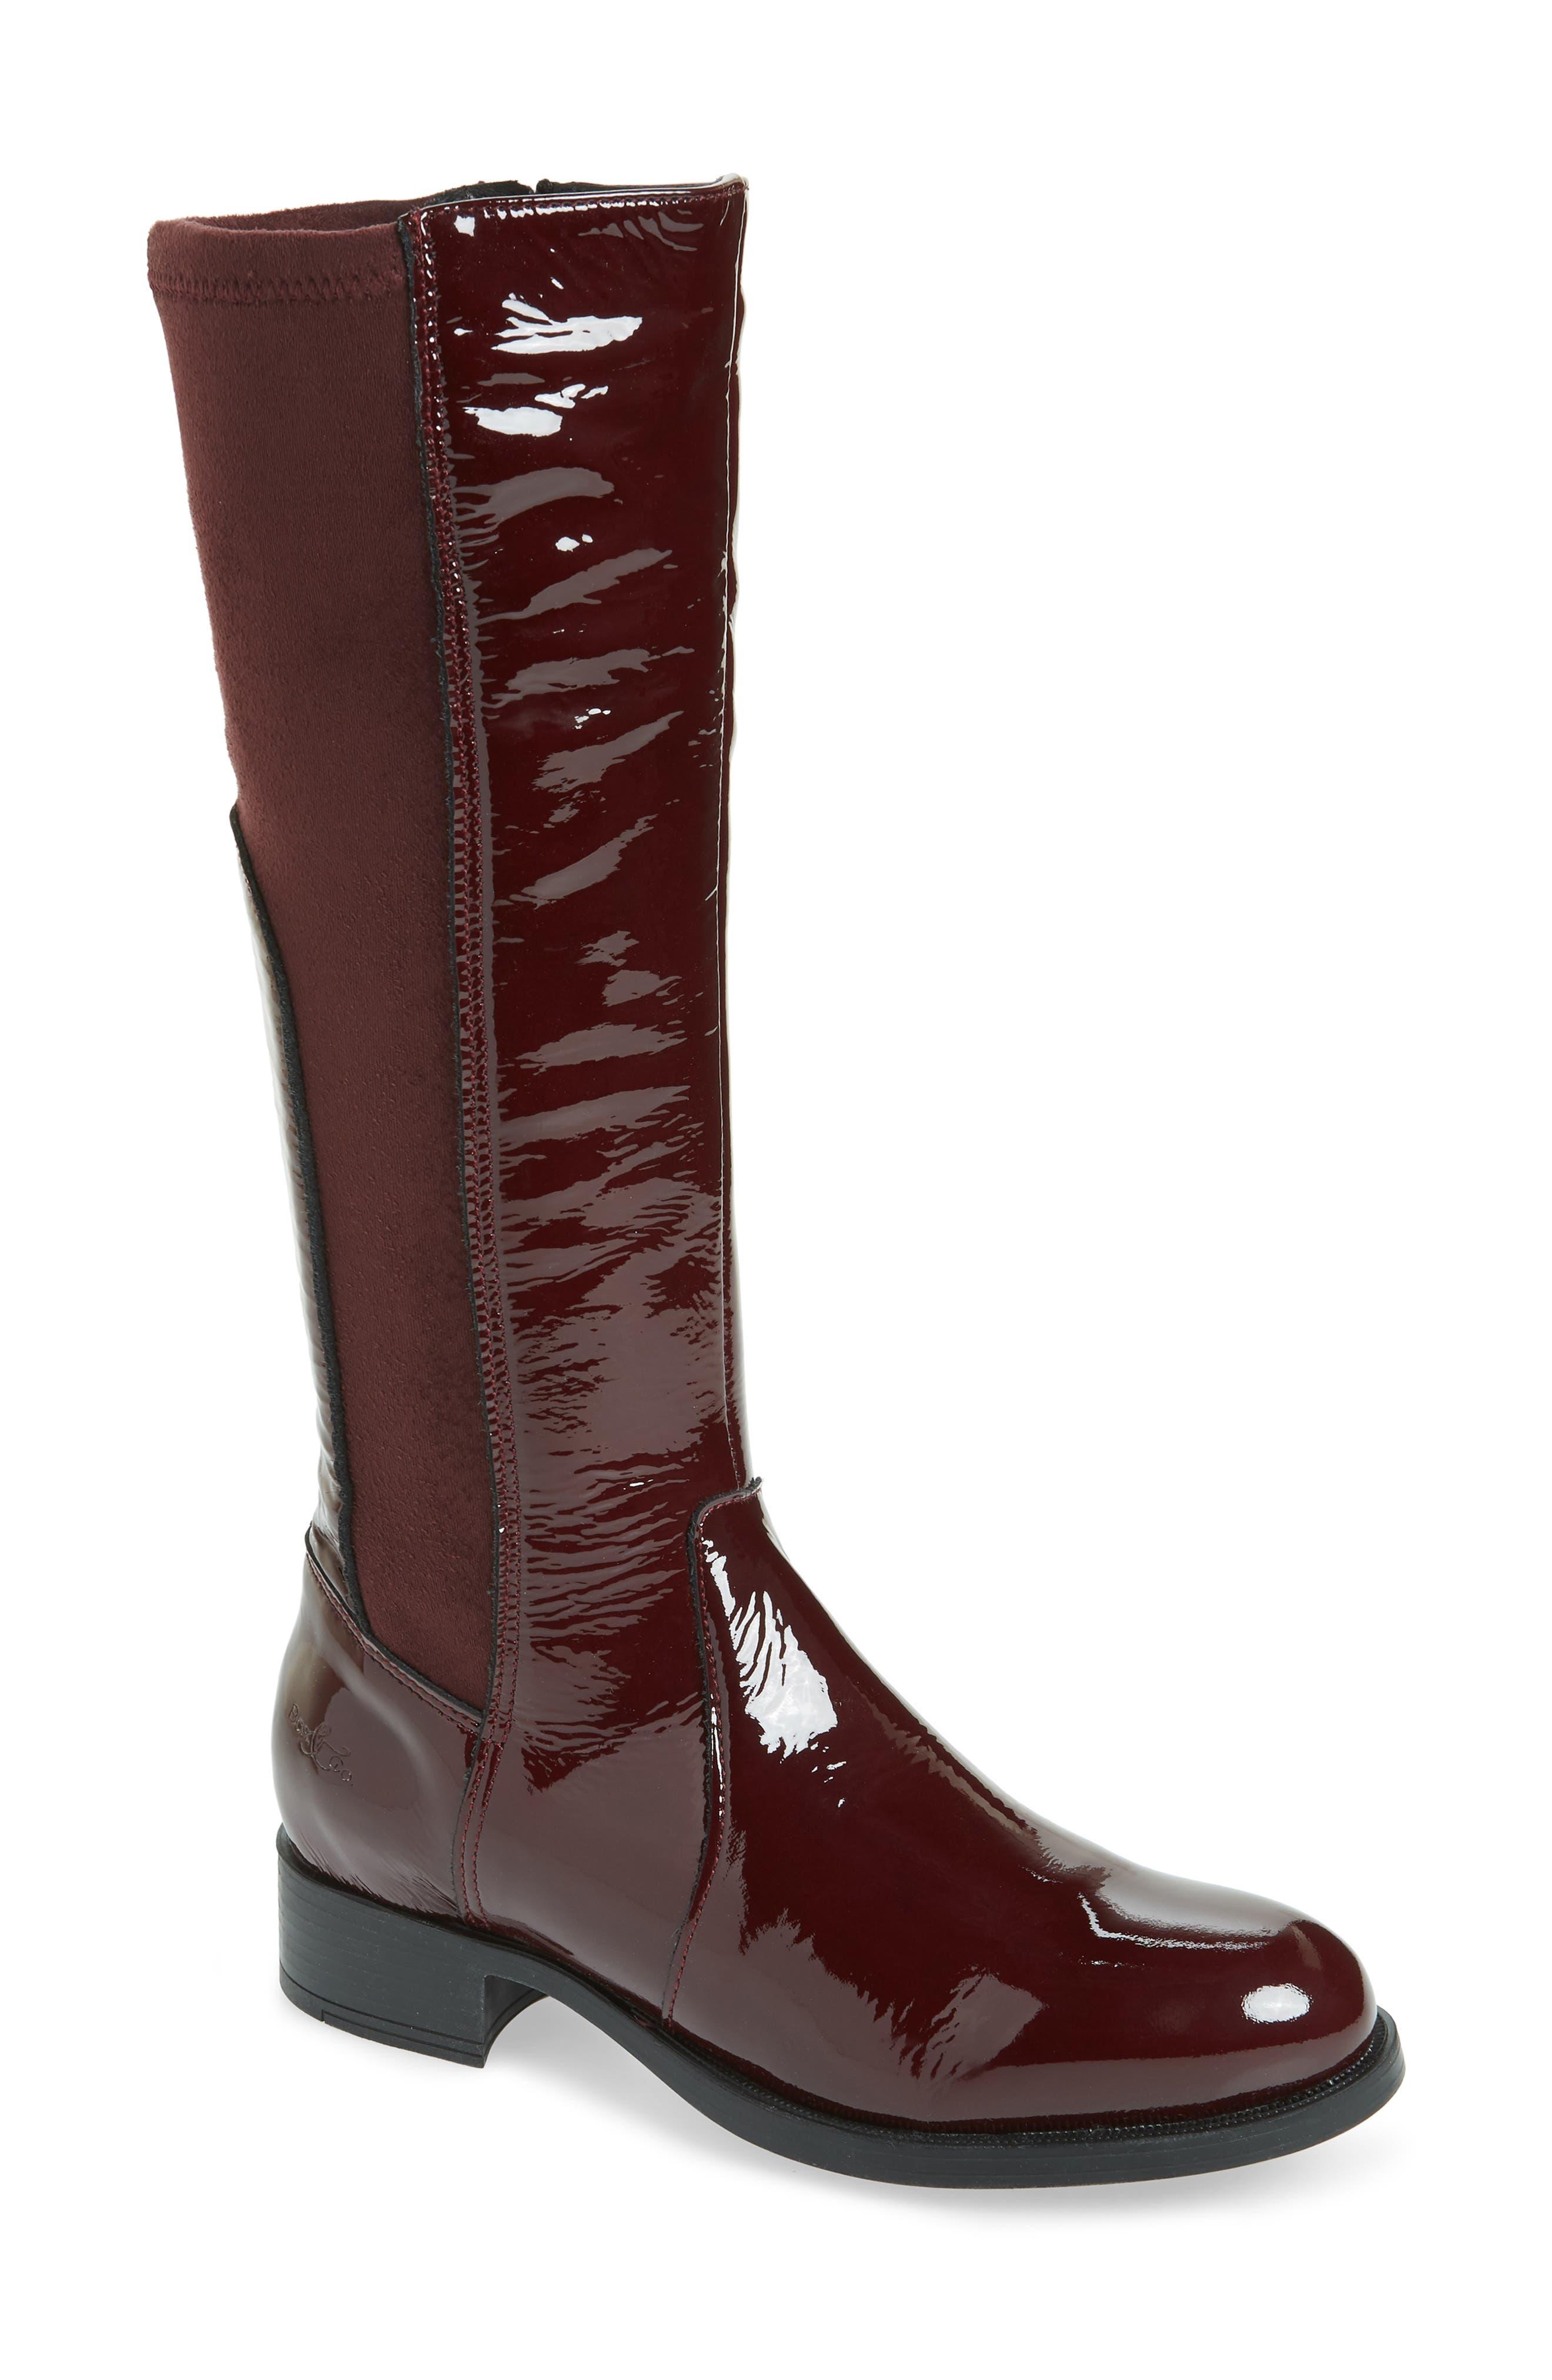 Bos. & Co. Brook Waterproof Knee High Boot - Red